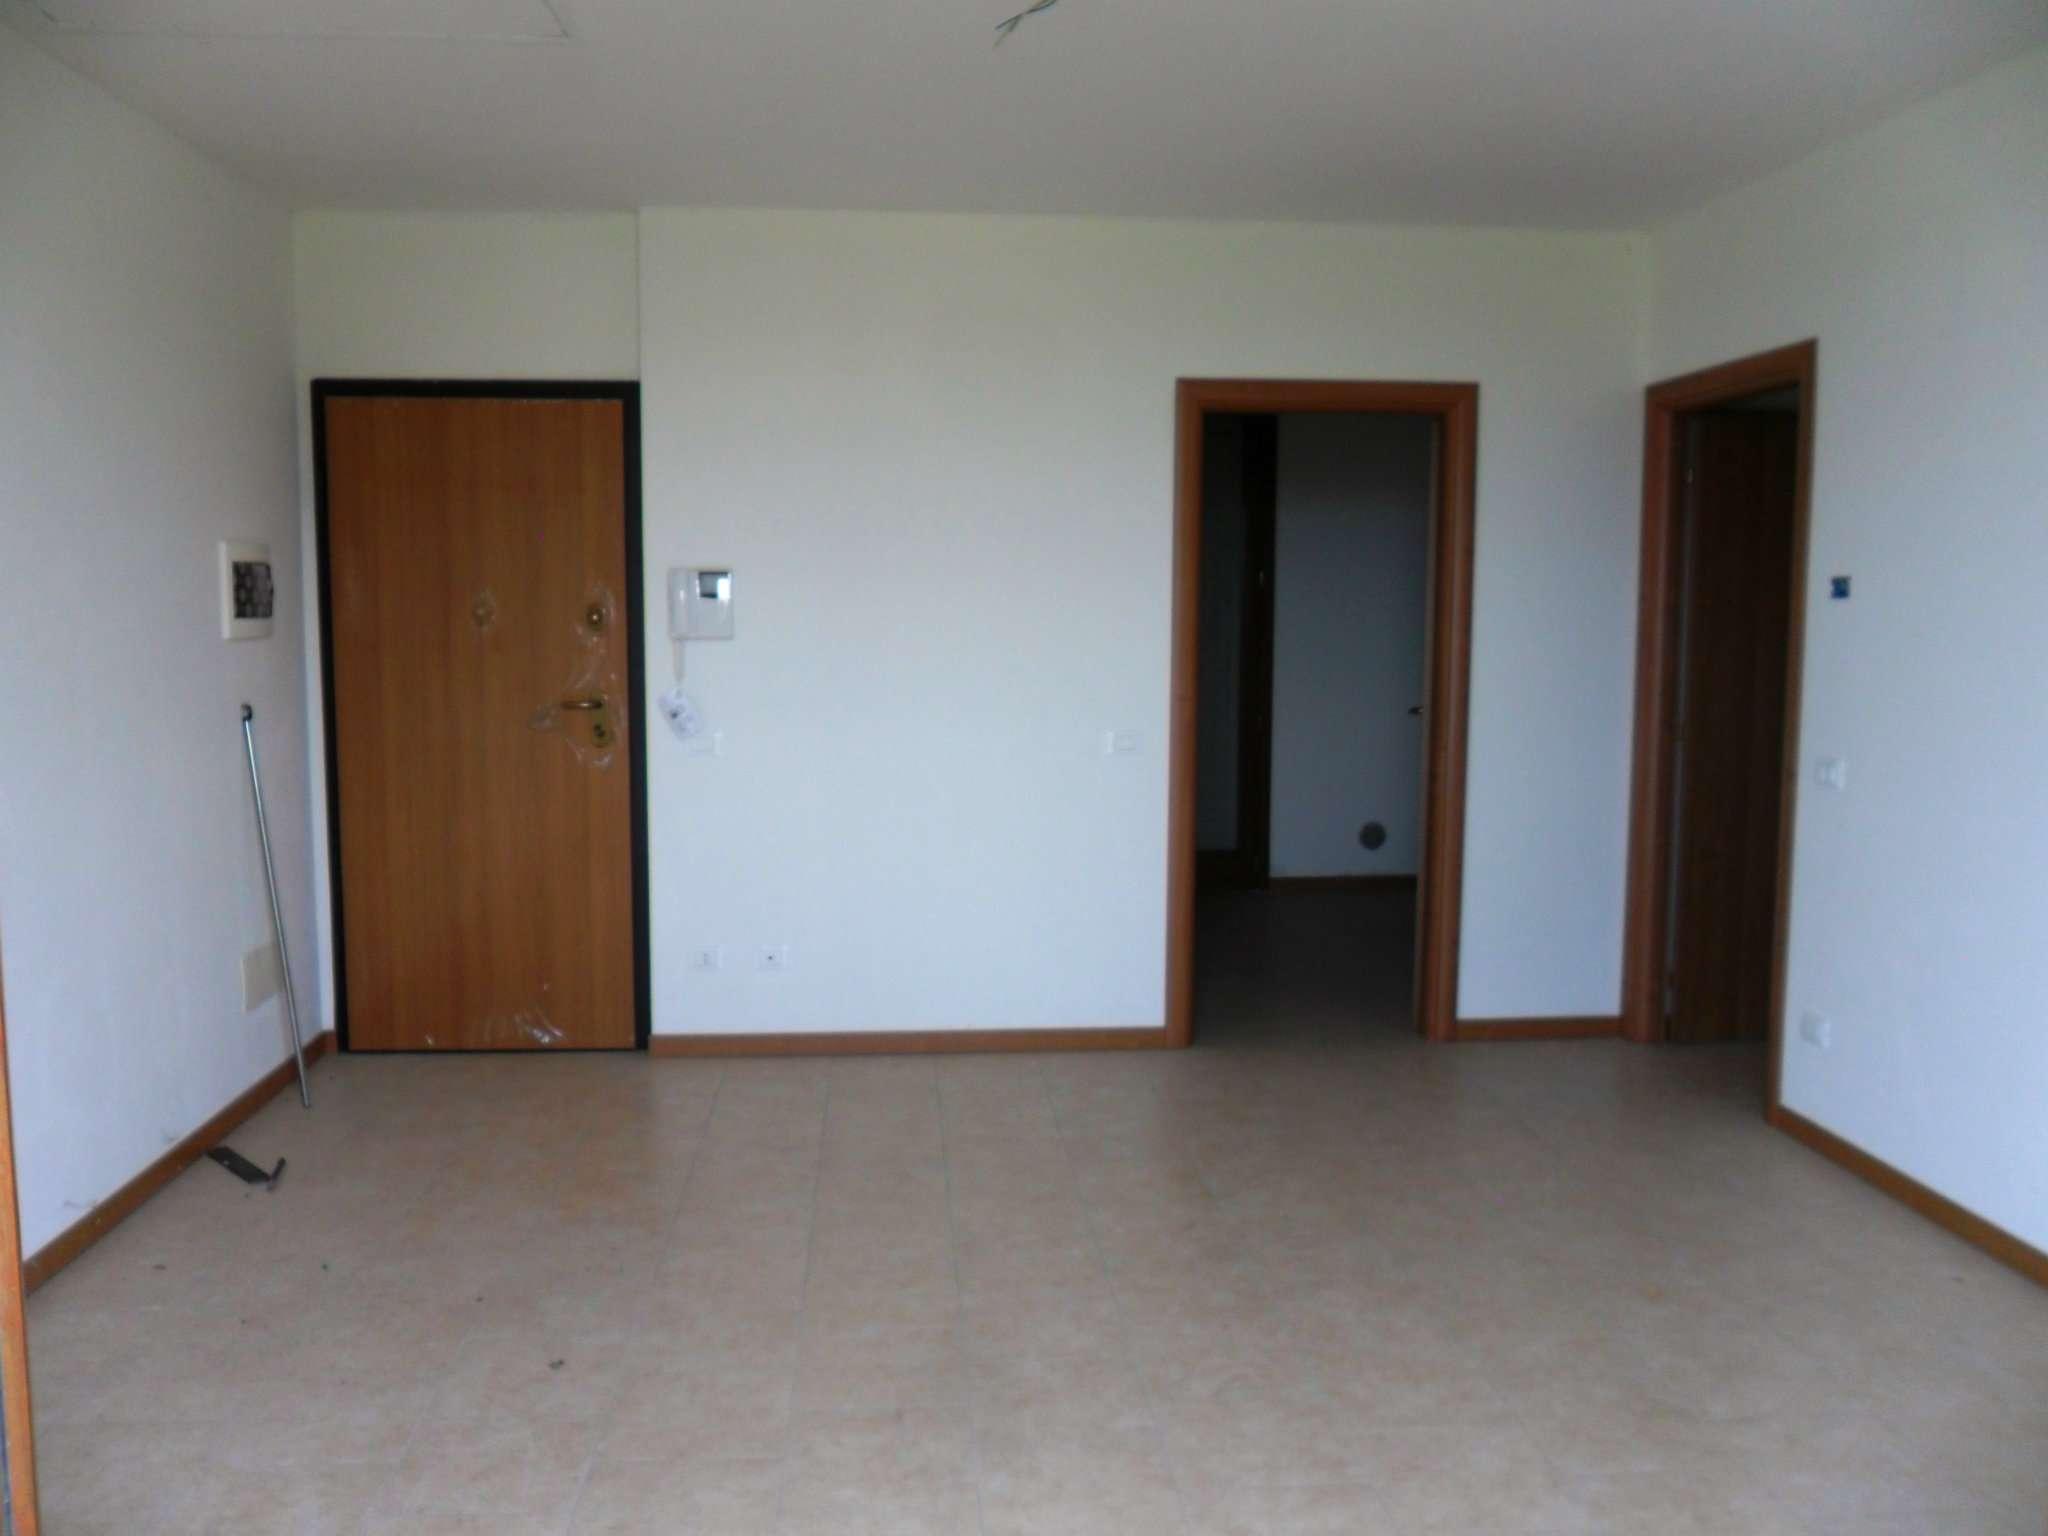 Appartamento in vendita a Fontevivo, 3 locali, prezzo € 185.000 | Cambio Casa.it